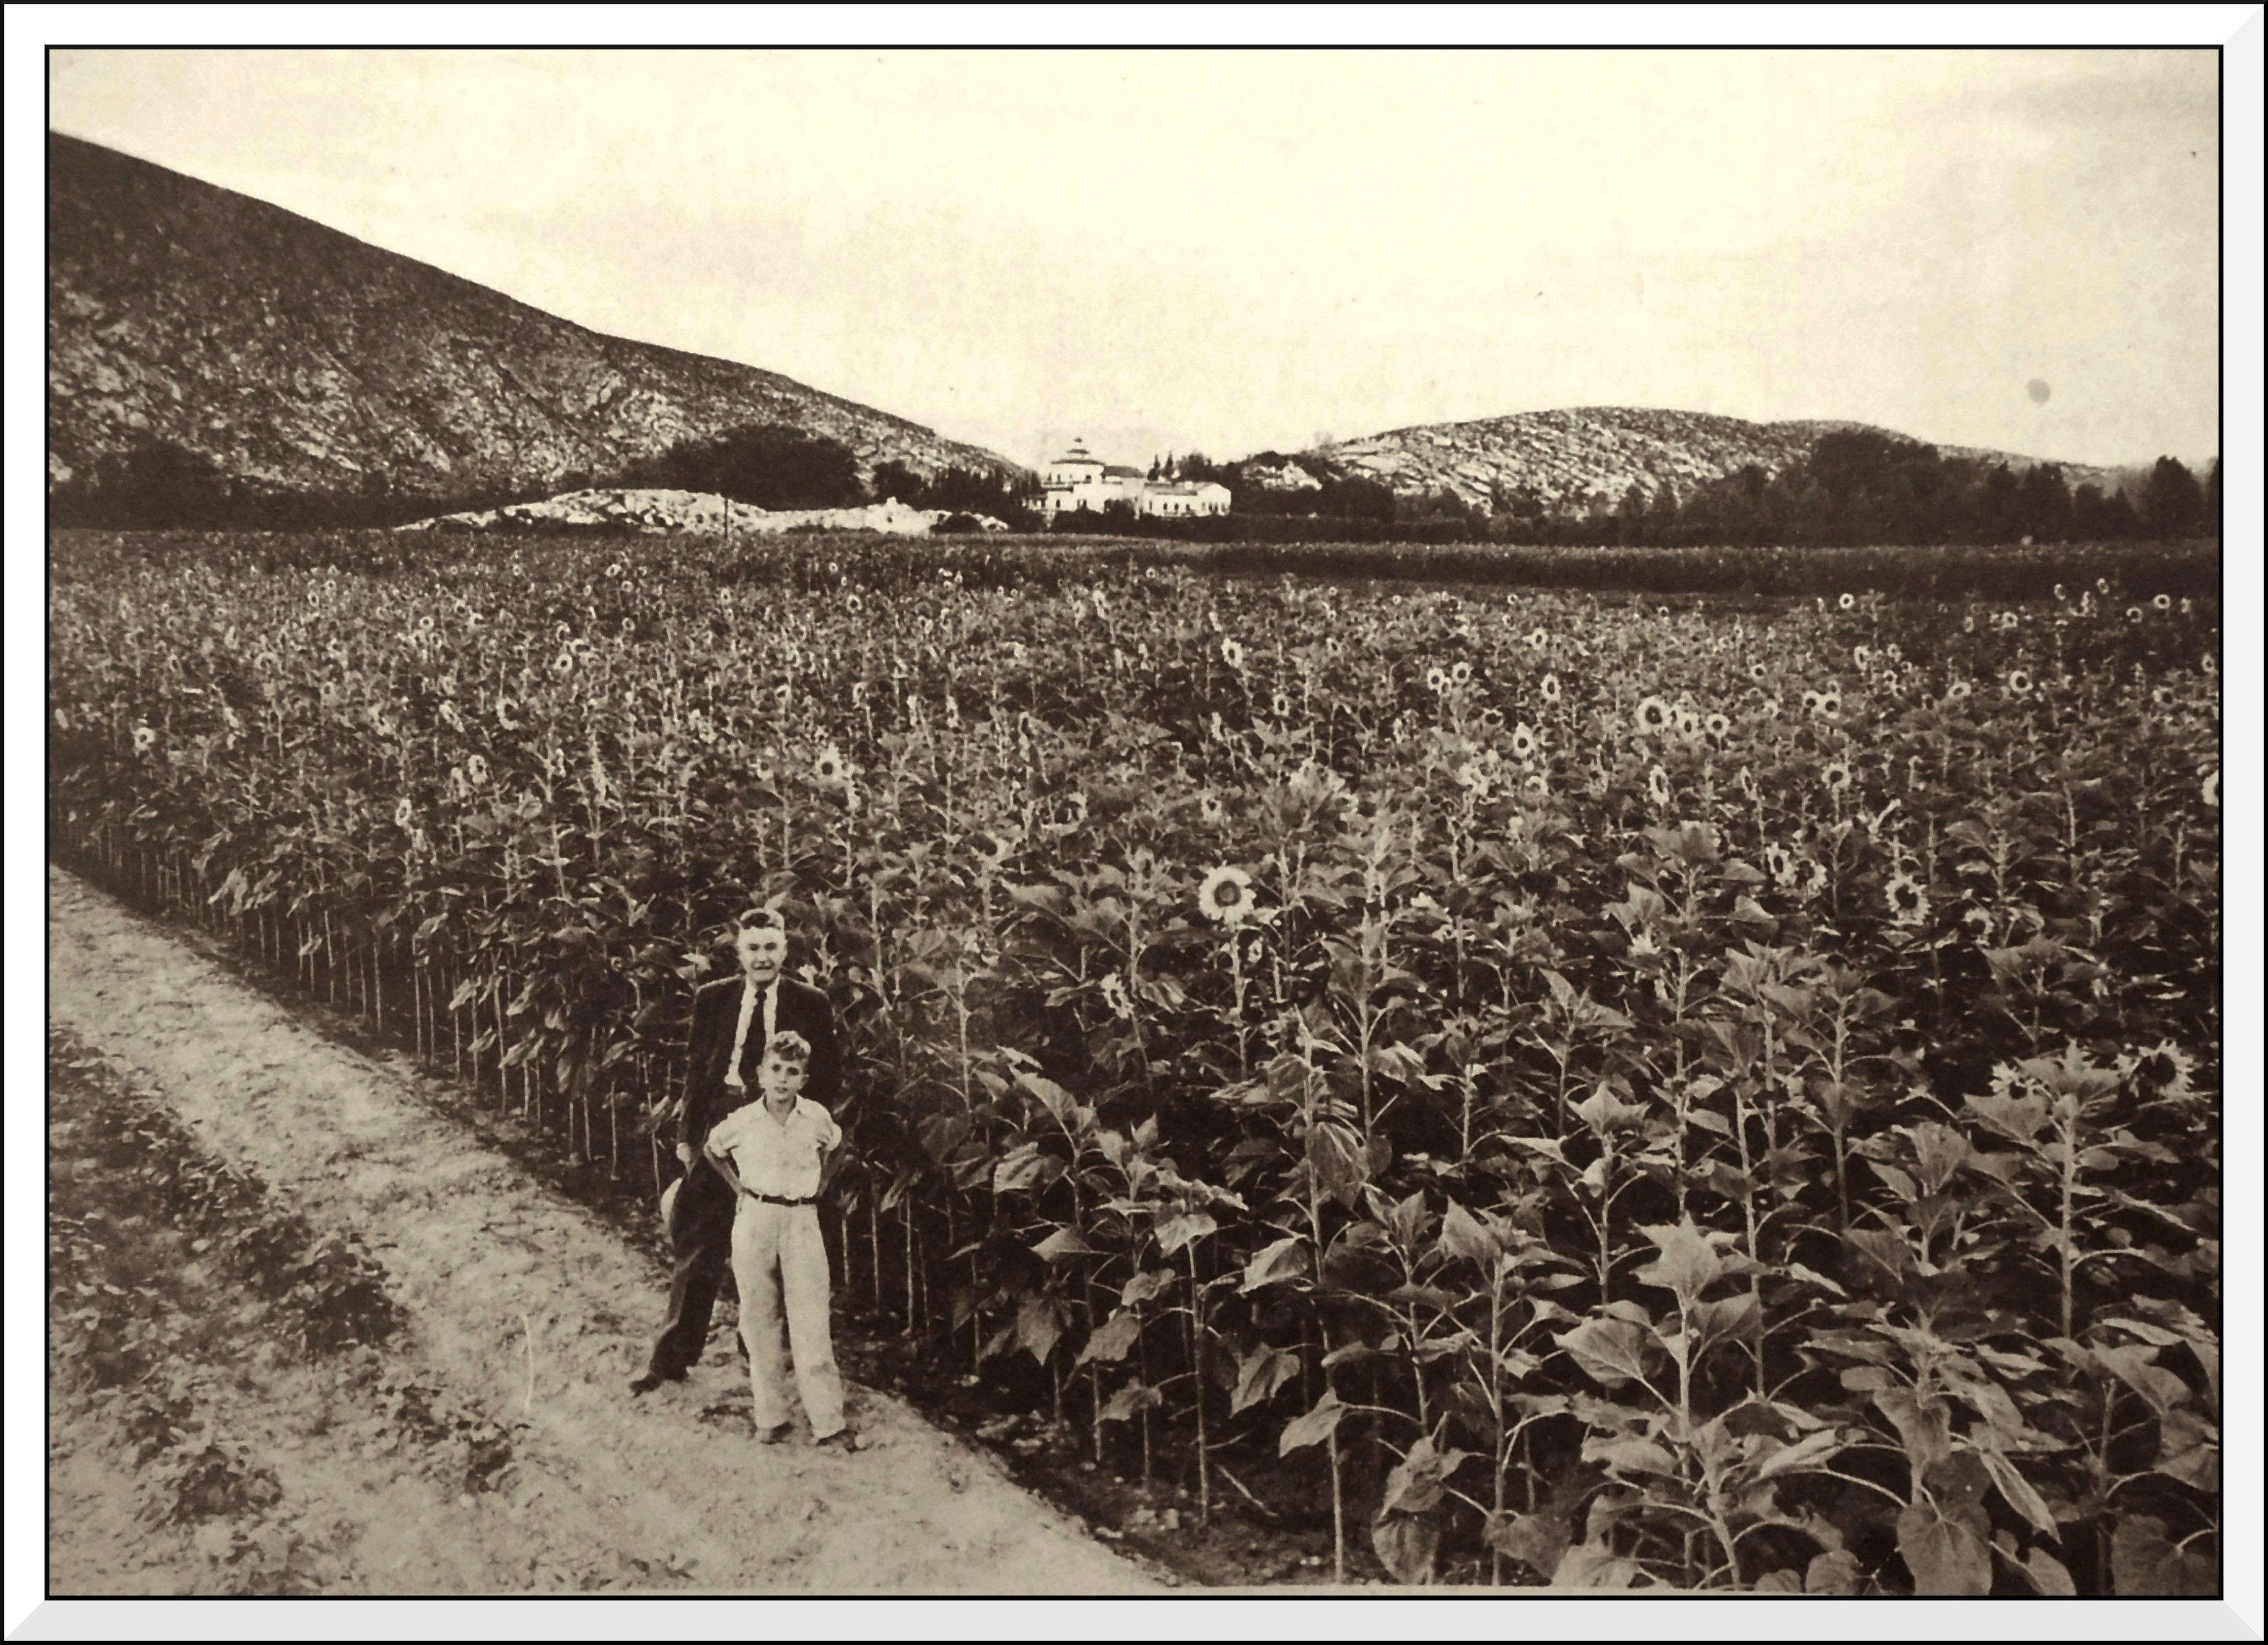 """Cultivation of sunflowers in 1942 where today is the Colonia Las Rosas,of the city of Gomez Palacio. In front of the photo, Jose F. Ortiz and his son. (Cultivo de girasoles en 1942 donde hoy es la colonia Las Rosas, de la Ciudad de Gómez Palacio. Al frente de la foto, José F. Ortiz y su hijo. Al fondo, a la izquierda, el cerro de calabazas, al centro, el edificio del """"Centro Campestre Lagunero"""" y a la derecha, el cerro de Santa Rosa o del Campestre)."""